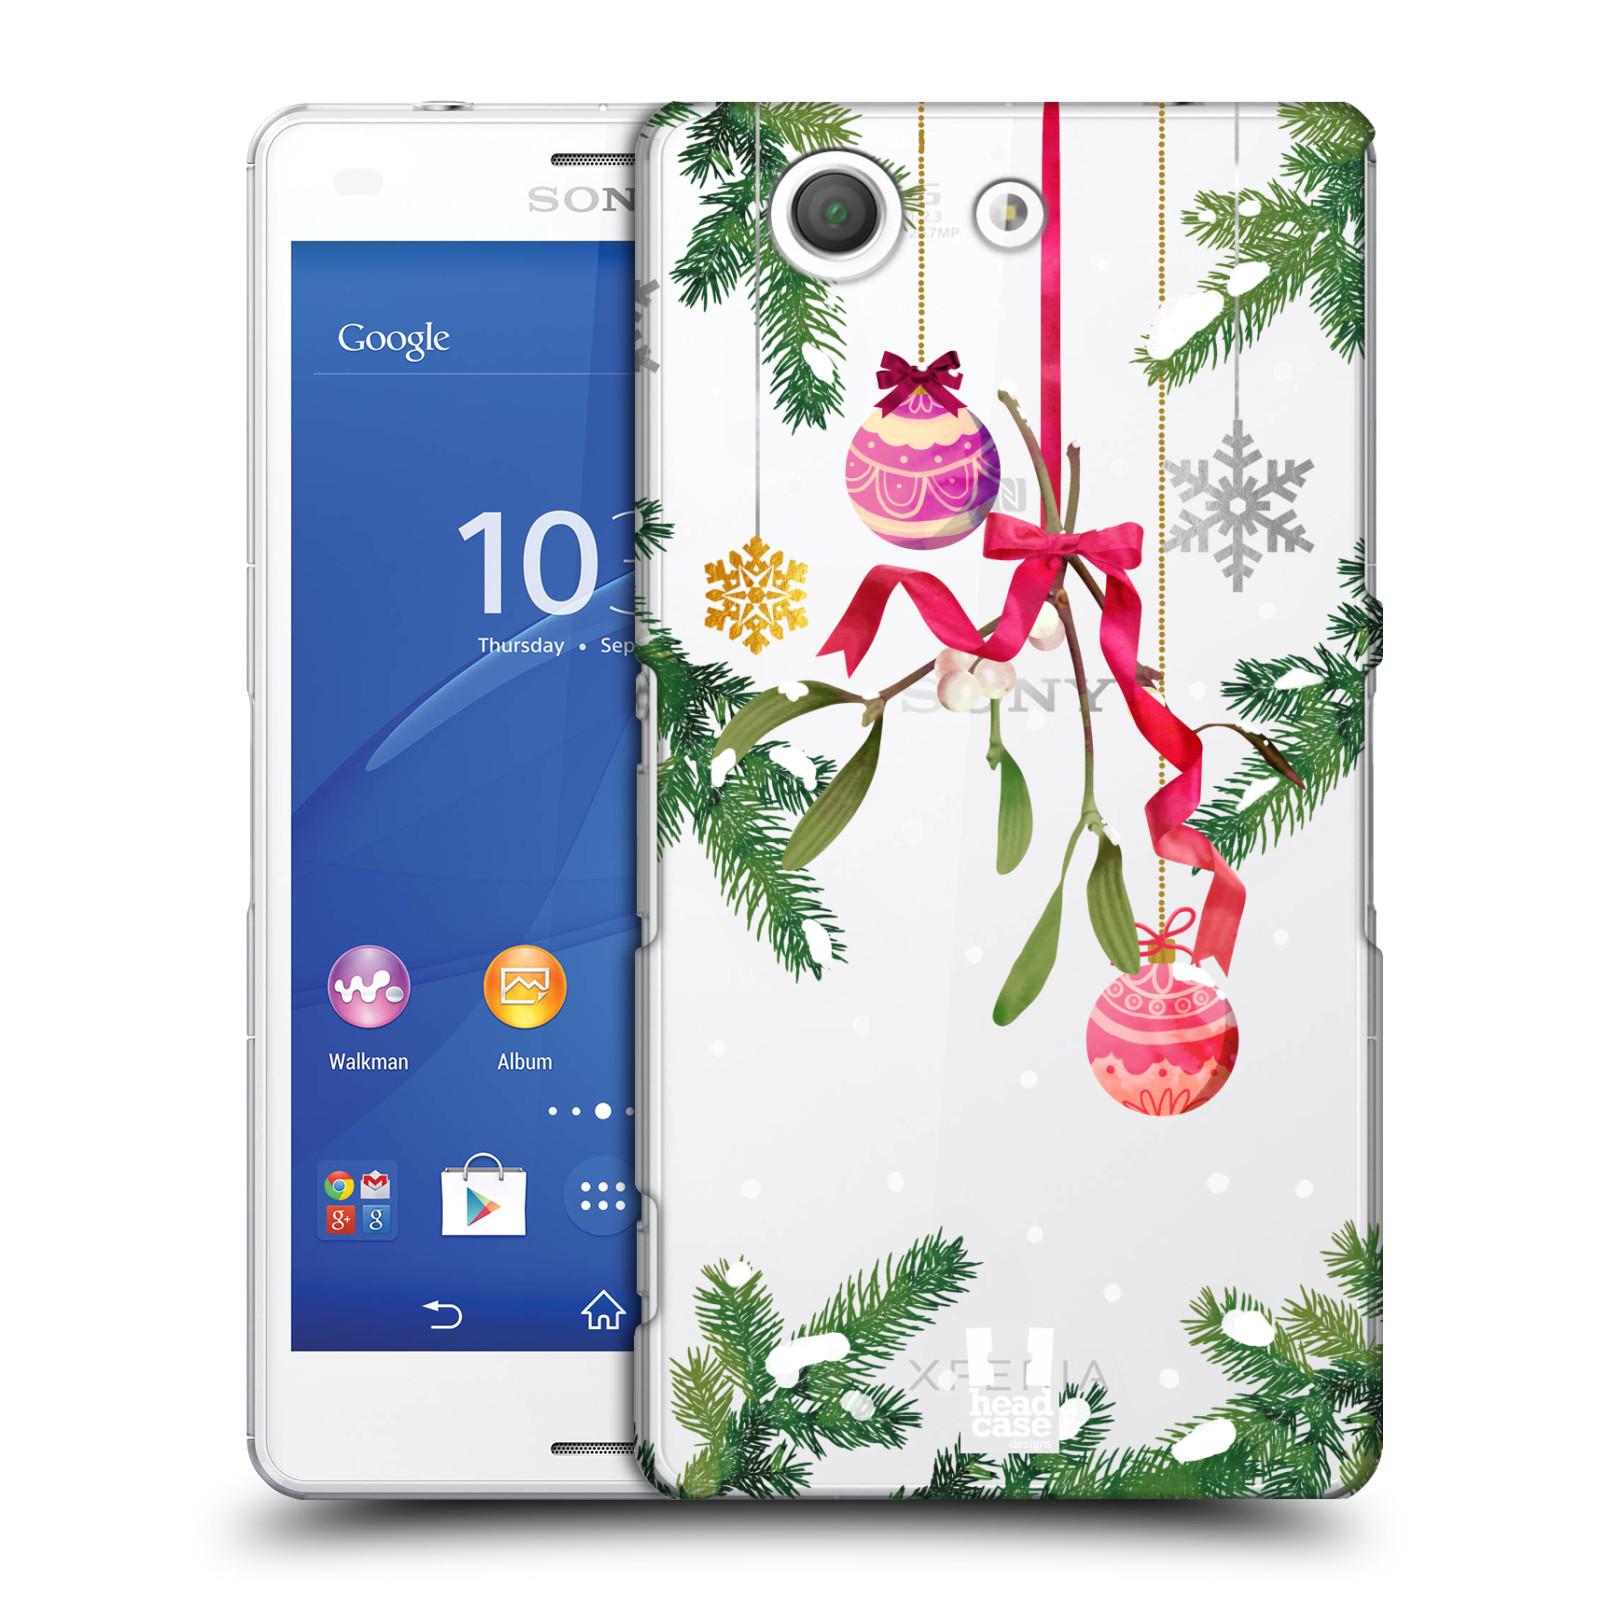 Plastové pouzdro na mobil Sony Xperia Z3 Compact D5803 - Head Case - Větvičky a vánoční ozdoby